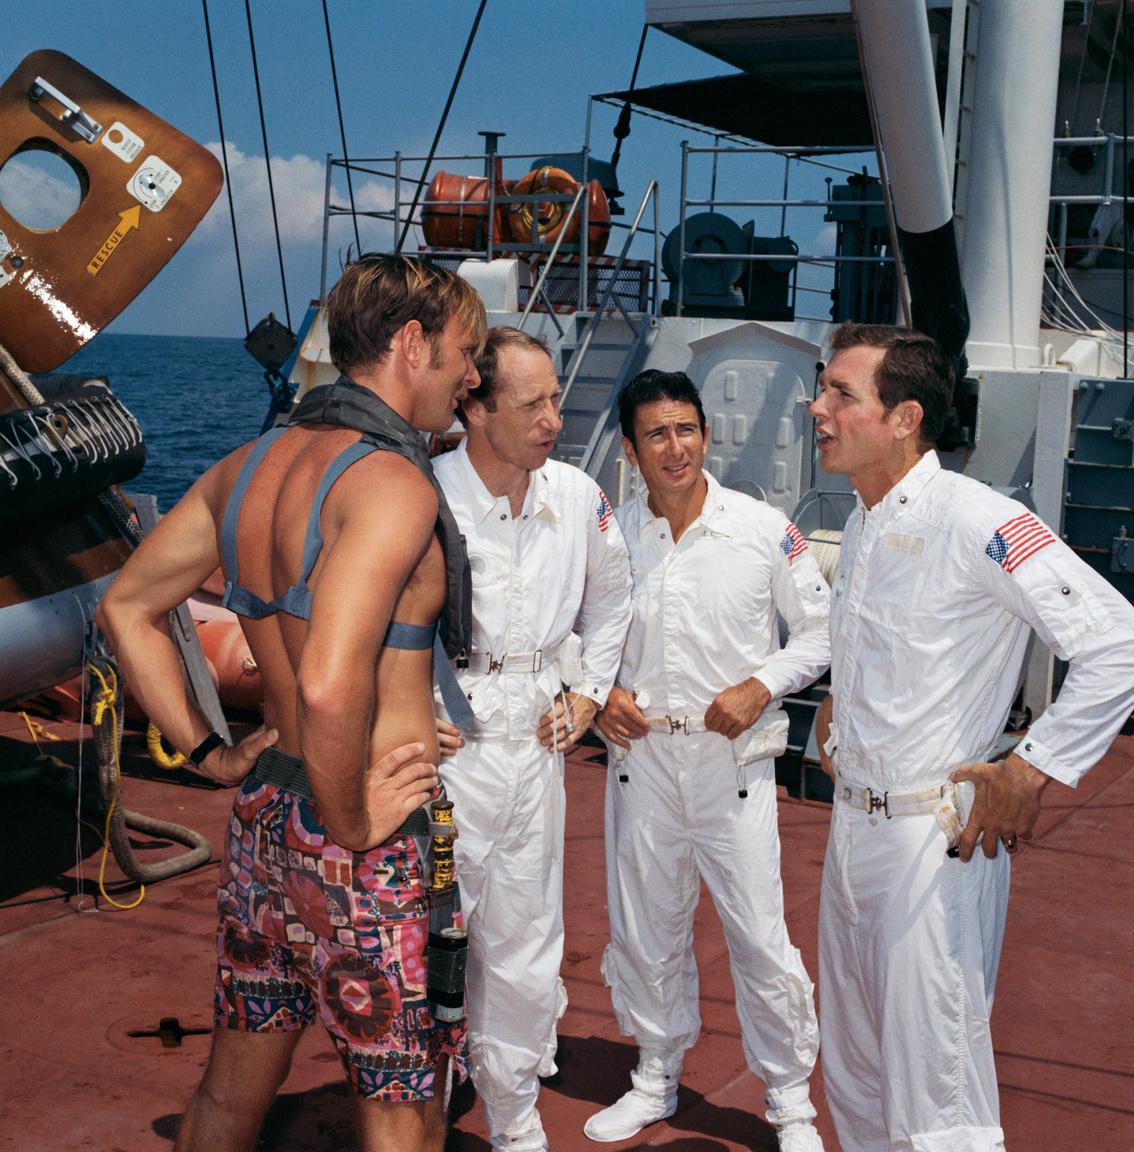 1971. május: az Apollo-15 űrhajósai a Mexikói-öbölben, a tengeri landolásra felkészítő gyakorlaton a haditengerészet egyik búvárával beszélgetnek.